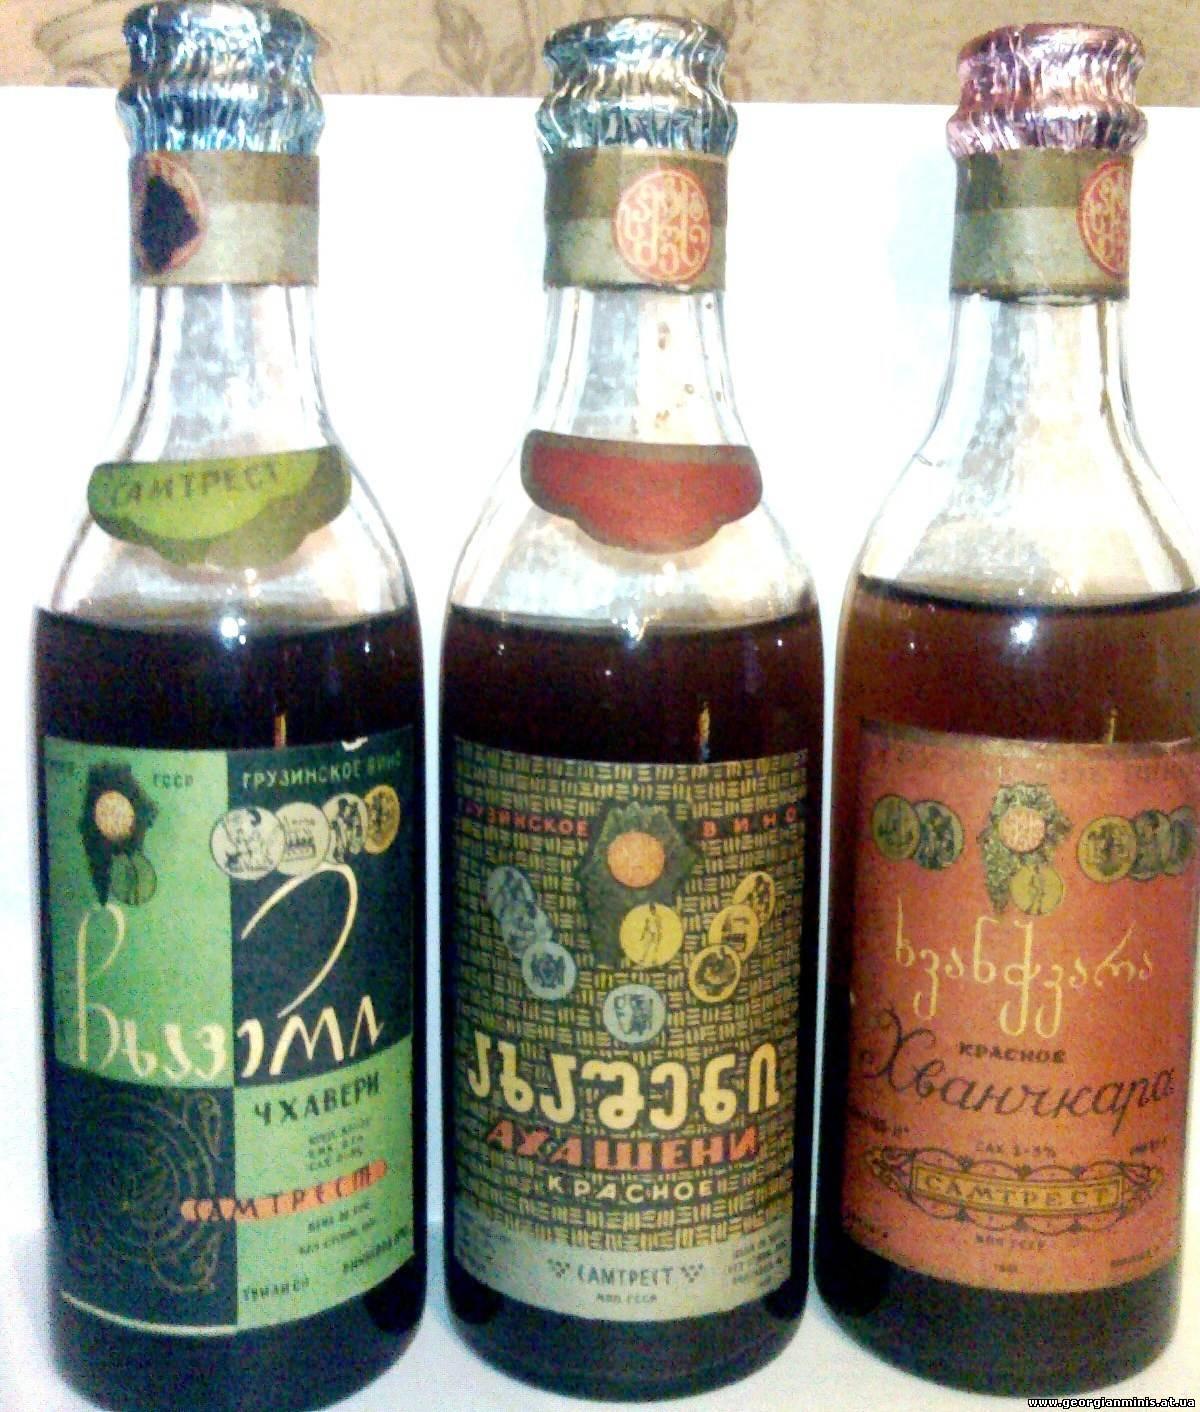 12.09.2010 old georgian wine georgianminis 233